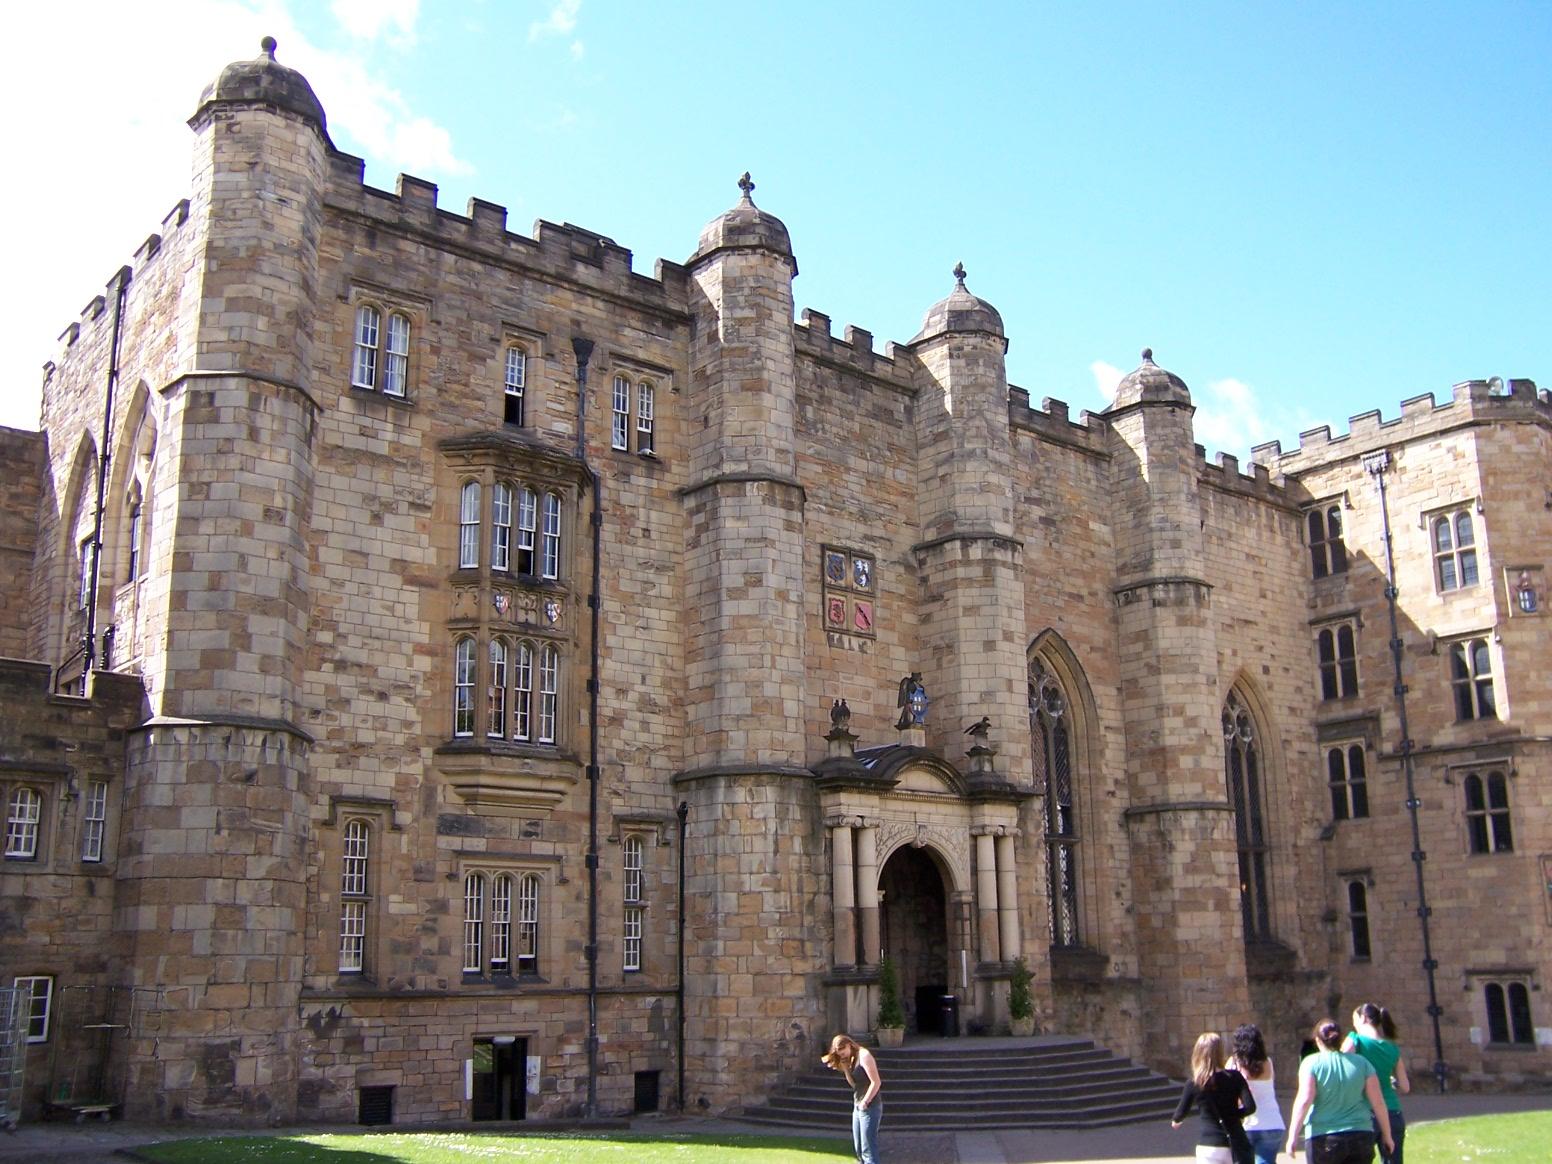 File:Durham Castle Innenhof.jpg - Wikimedia Commons